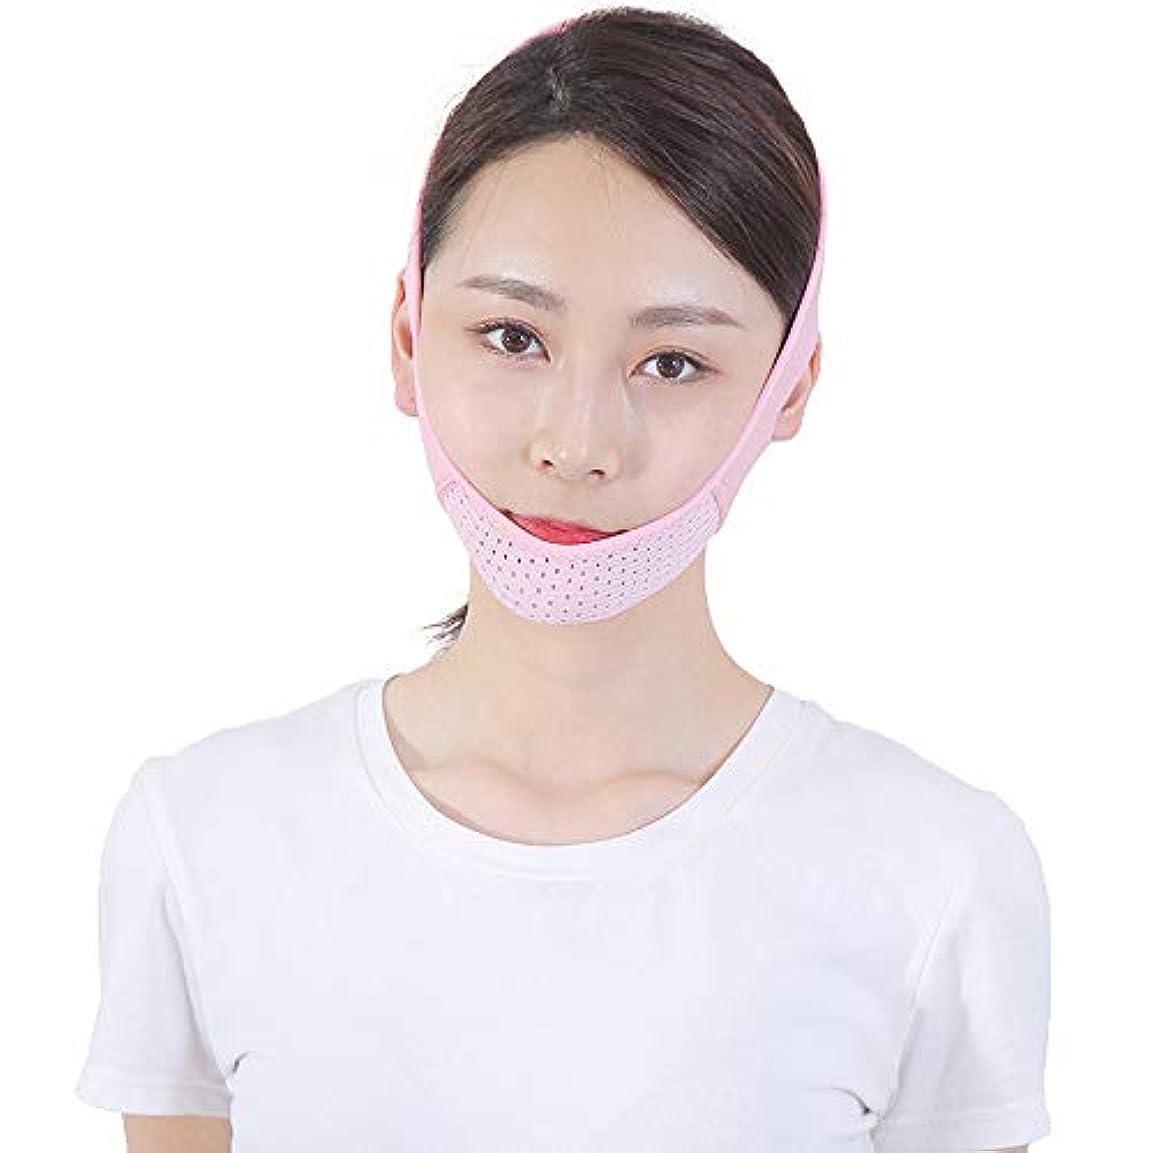 話すふりをする持っている薄い顔のベルト - 薄い顔のベルト通気性のある顔の包帯ダブルチンの顔リフトの人工物Vのフェイスベルト薄い顔のマスク